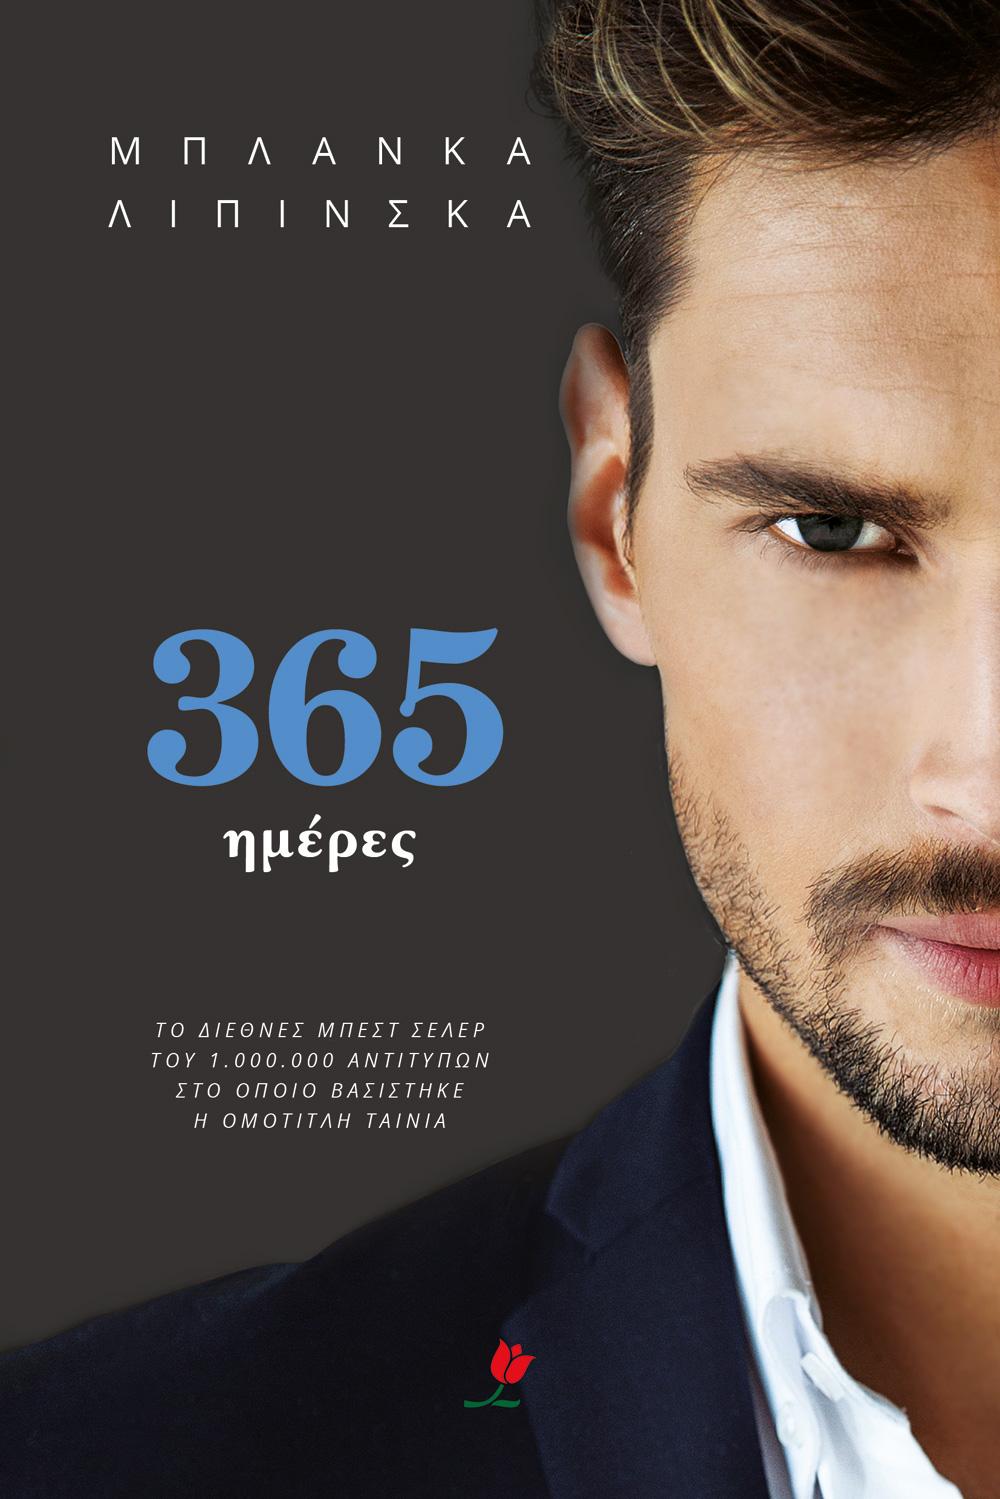 365 ΗΜΕΡΕΣ - ΜΠΛΑΝΚΑ ΛΙΠΙΝΣΚΑ